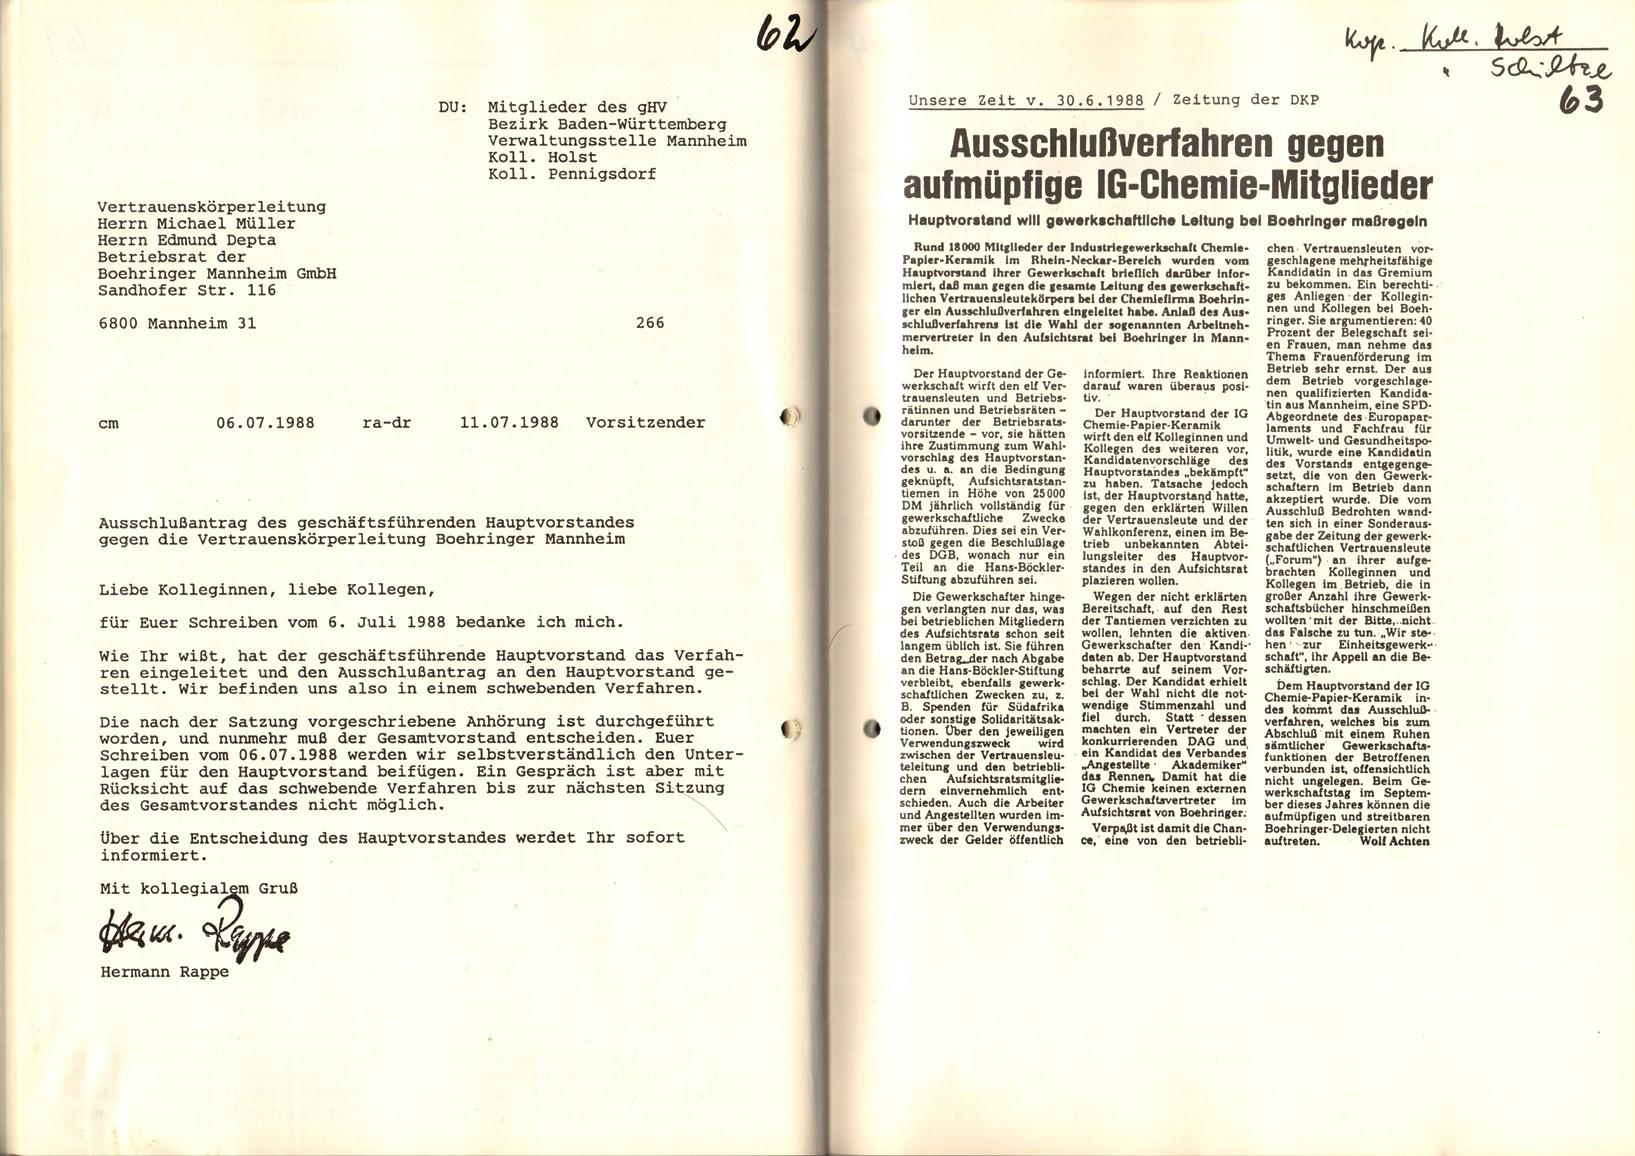 Mannheim_Boehringer_Ausschluss_VKL_Doku1_1988_57